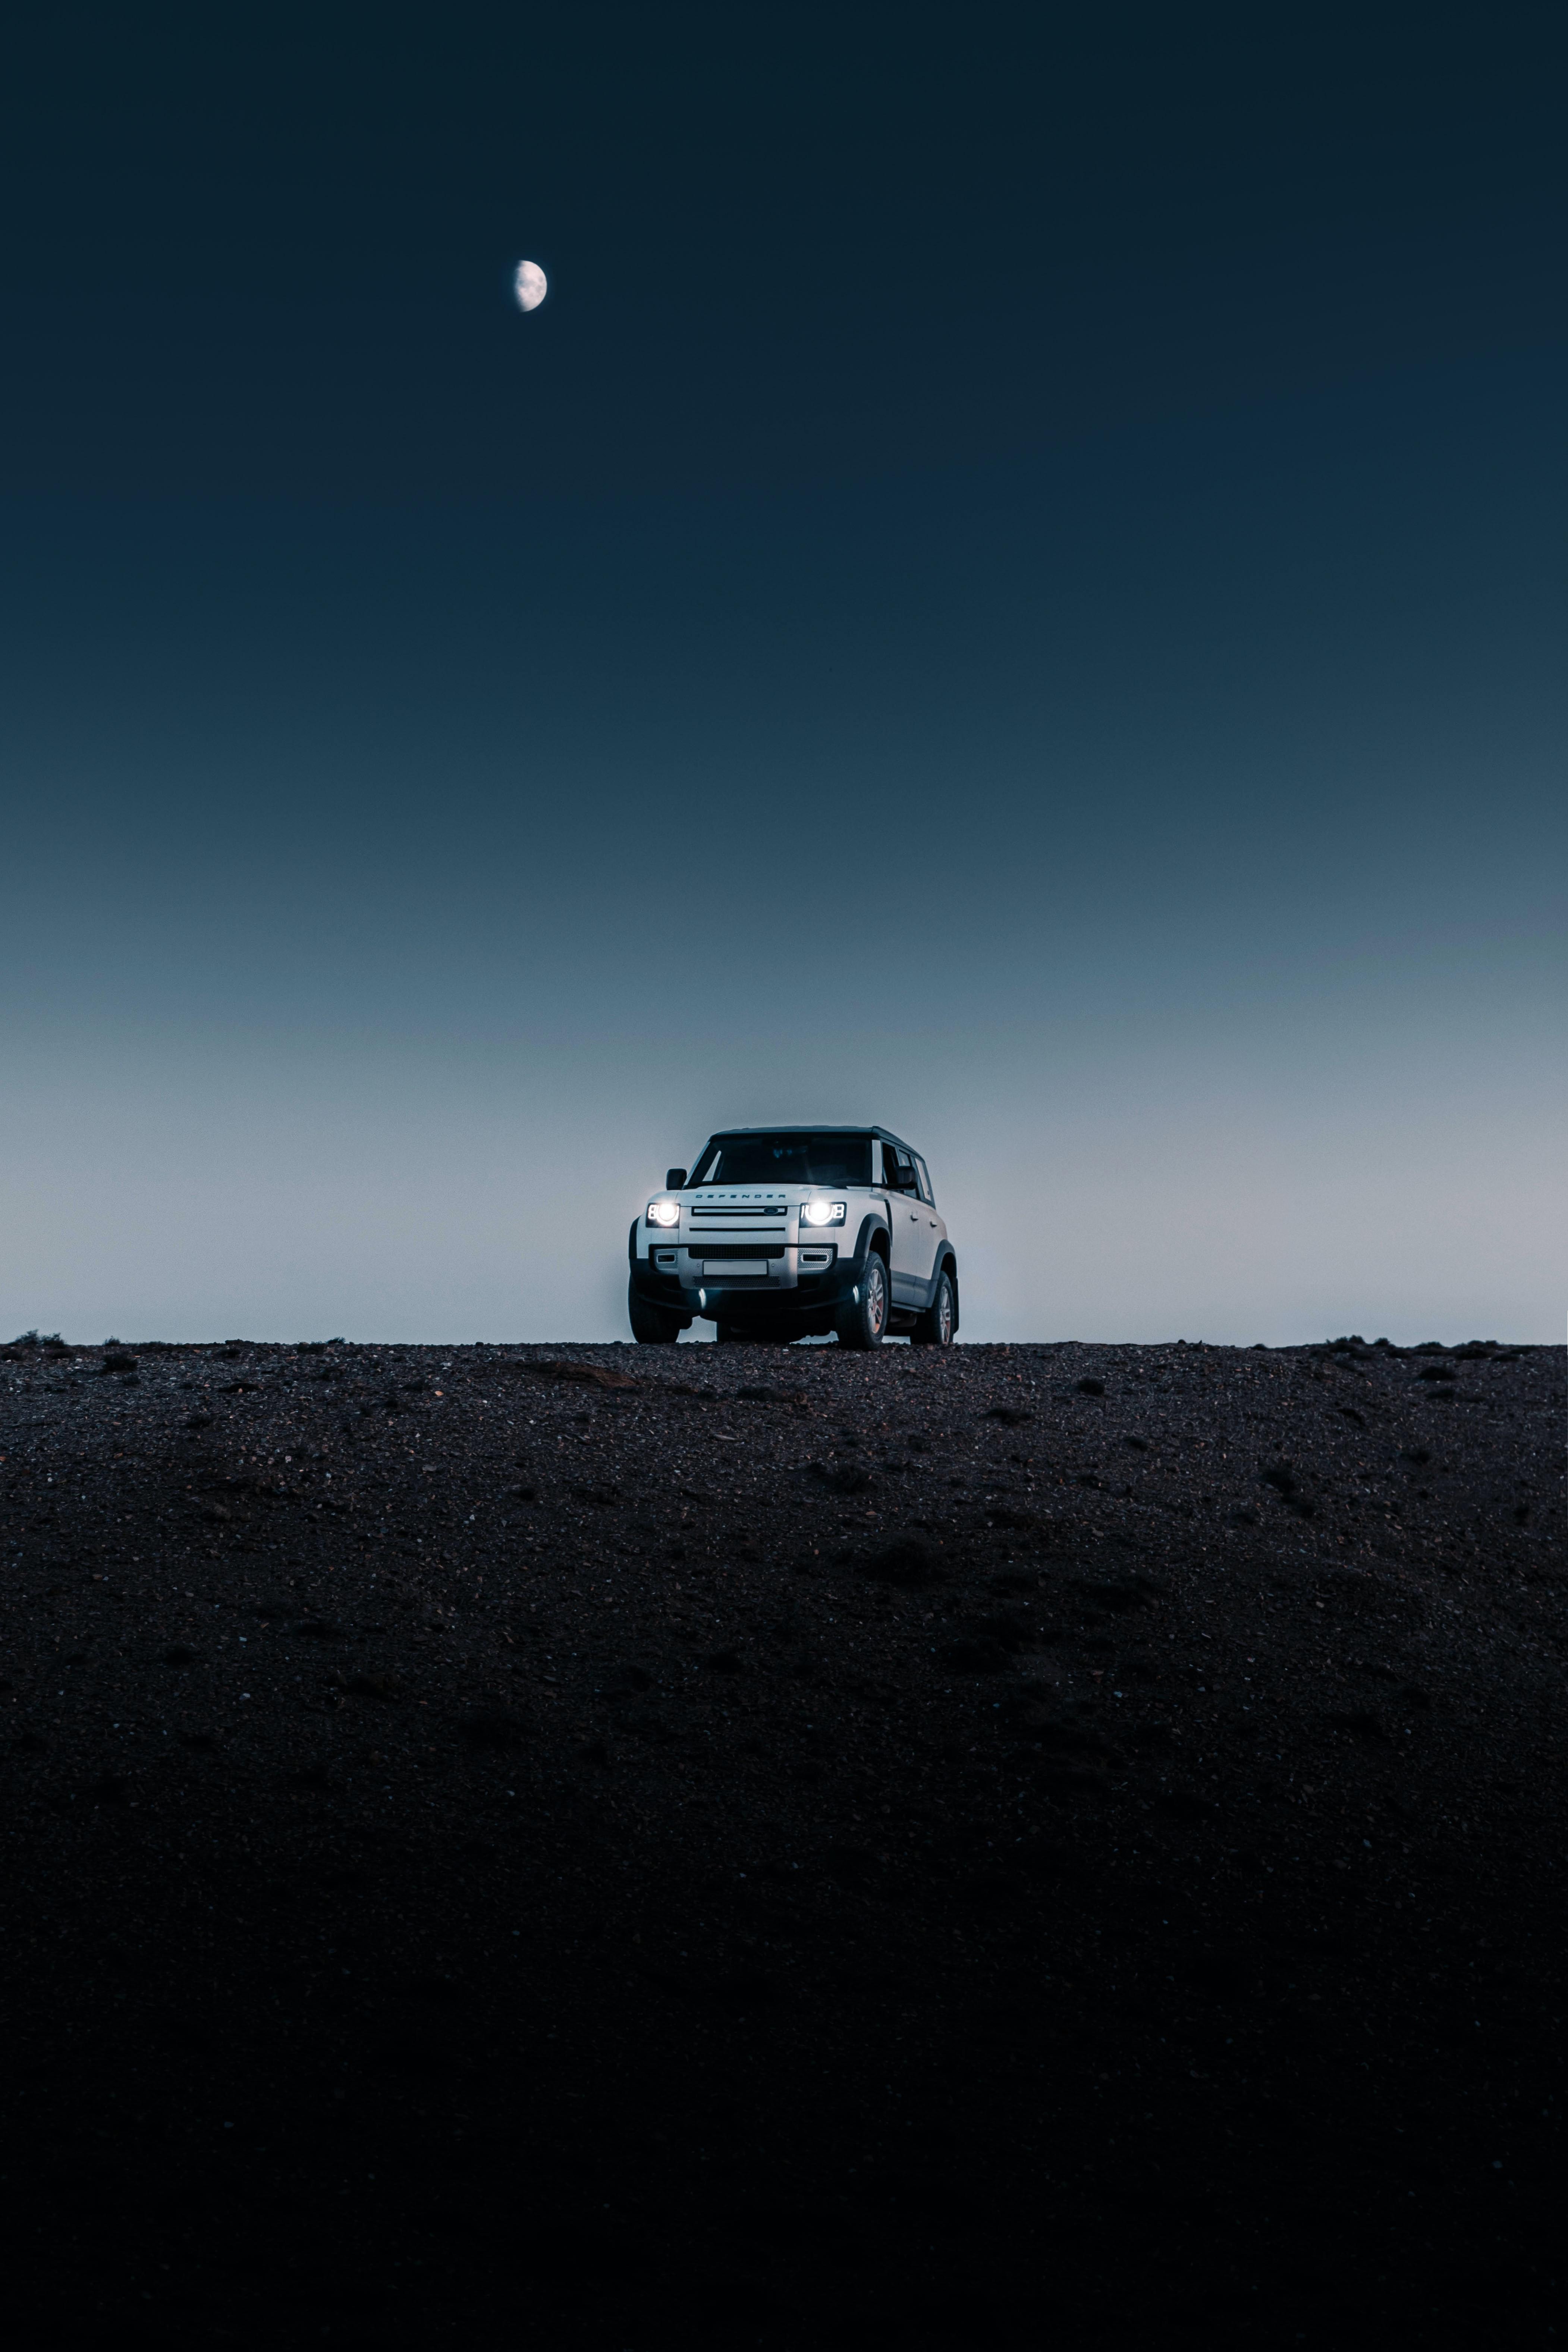 67171 завантажити шпалери Ніч, Пустеля, Ленд Ровер, Тачки, Автомобіль, Позашляховик, Land Rover Defender, Land Rover Захисник - заставки і картинки безкоштовно